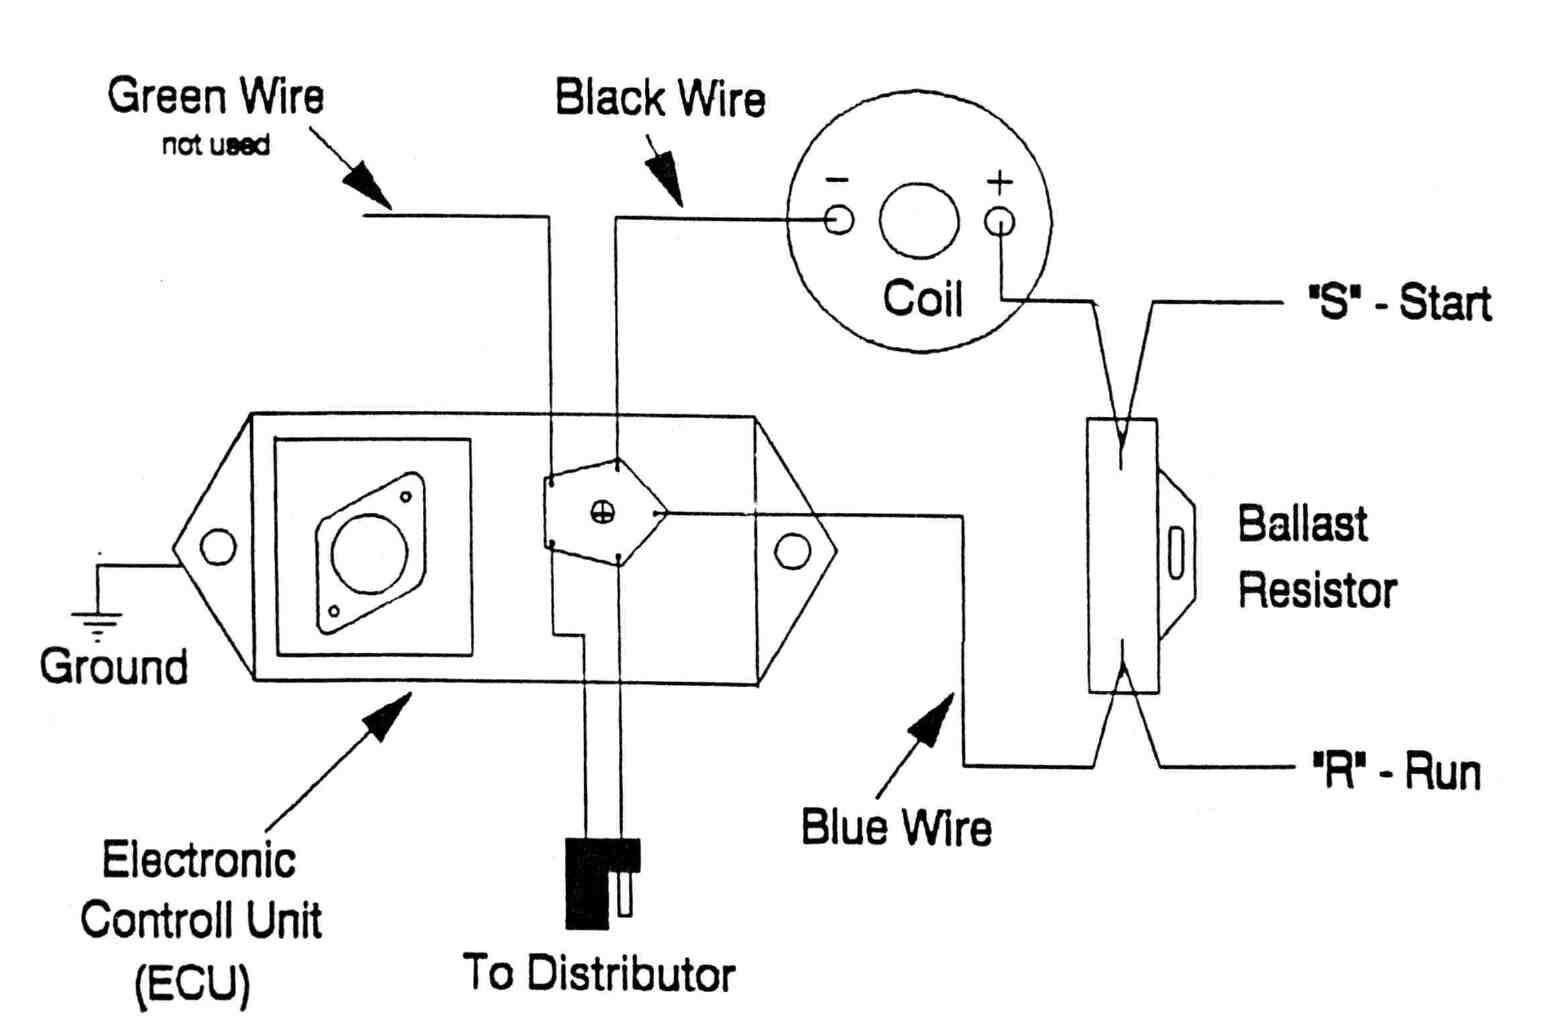 1972 dodge dart wiring diagram schematic dl 1093  chrysler hei wiring diagram schematic wiring  chrysler hei wiring diagram schematic